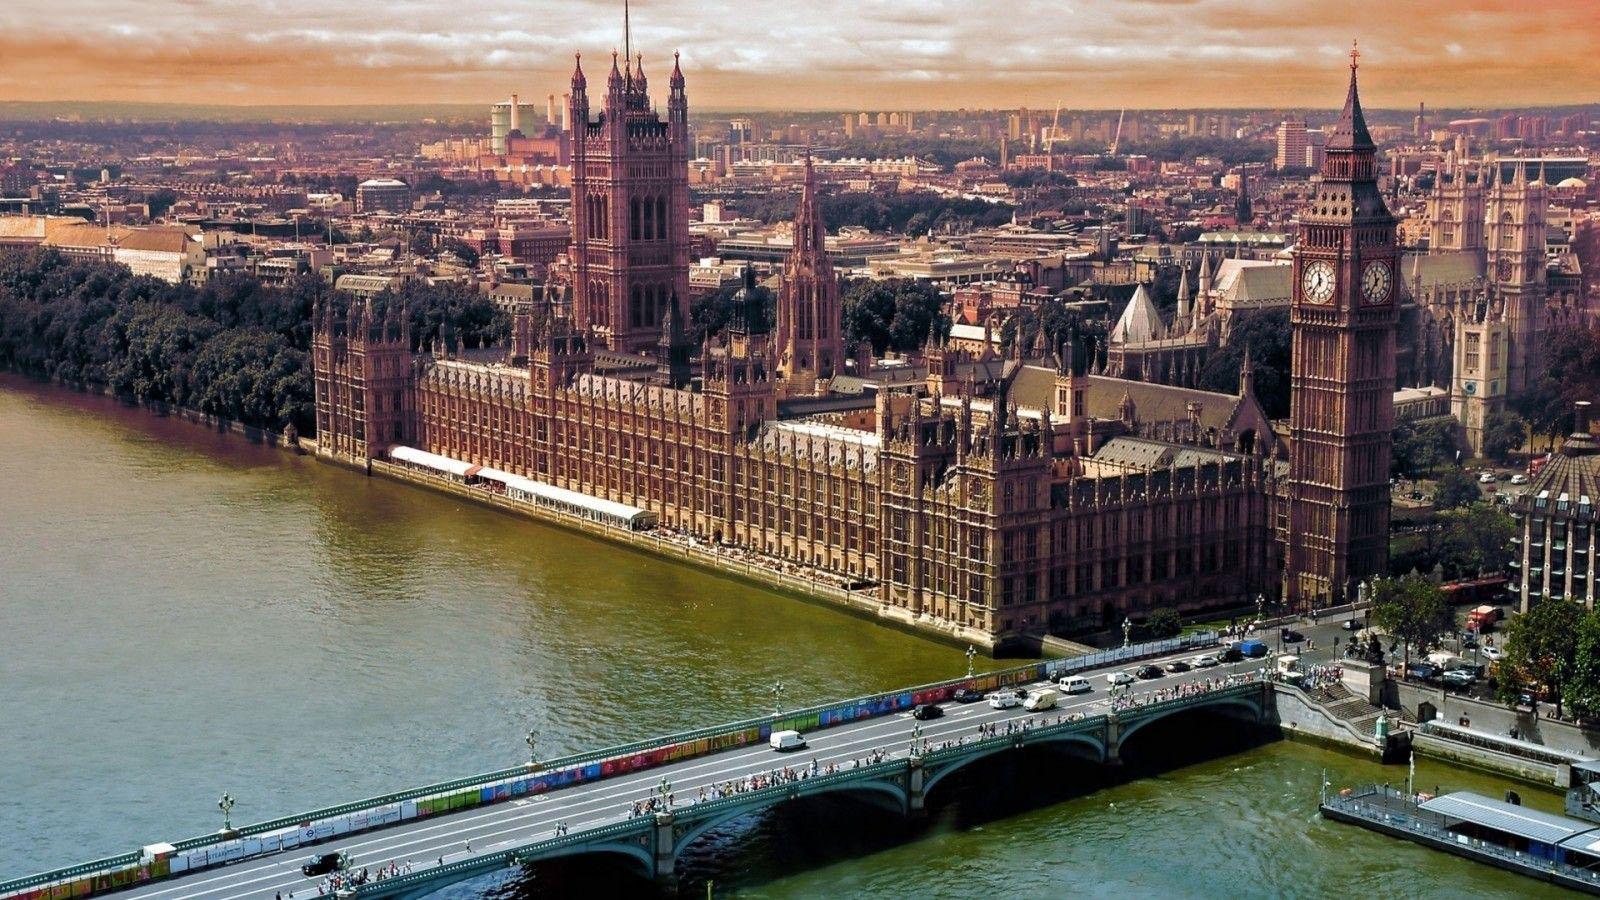 palacio-de-westminster,-parlamento